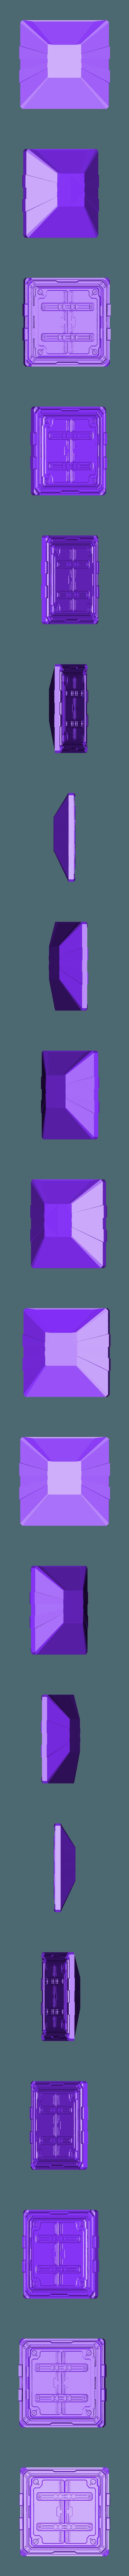 Eagle_Lower_Hatch.stl Download free STL file Eagle Multi Colour/Material (Elite Dangerous) • 3D print object, Kahnindustries